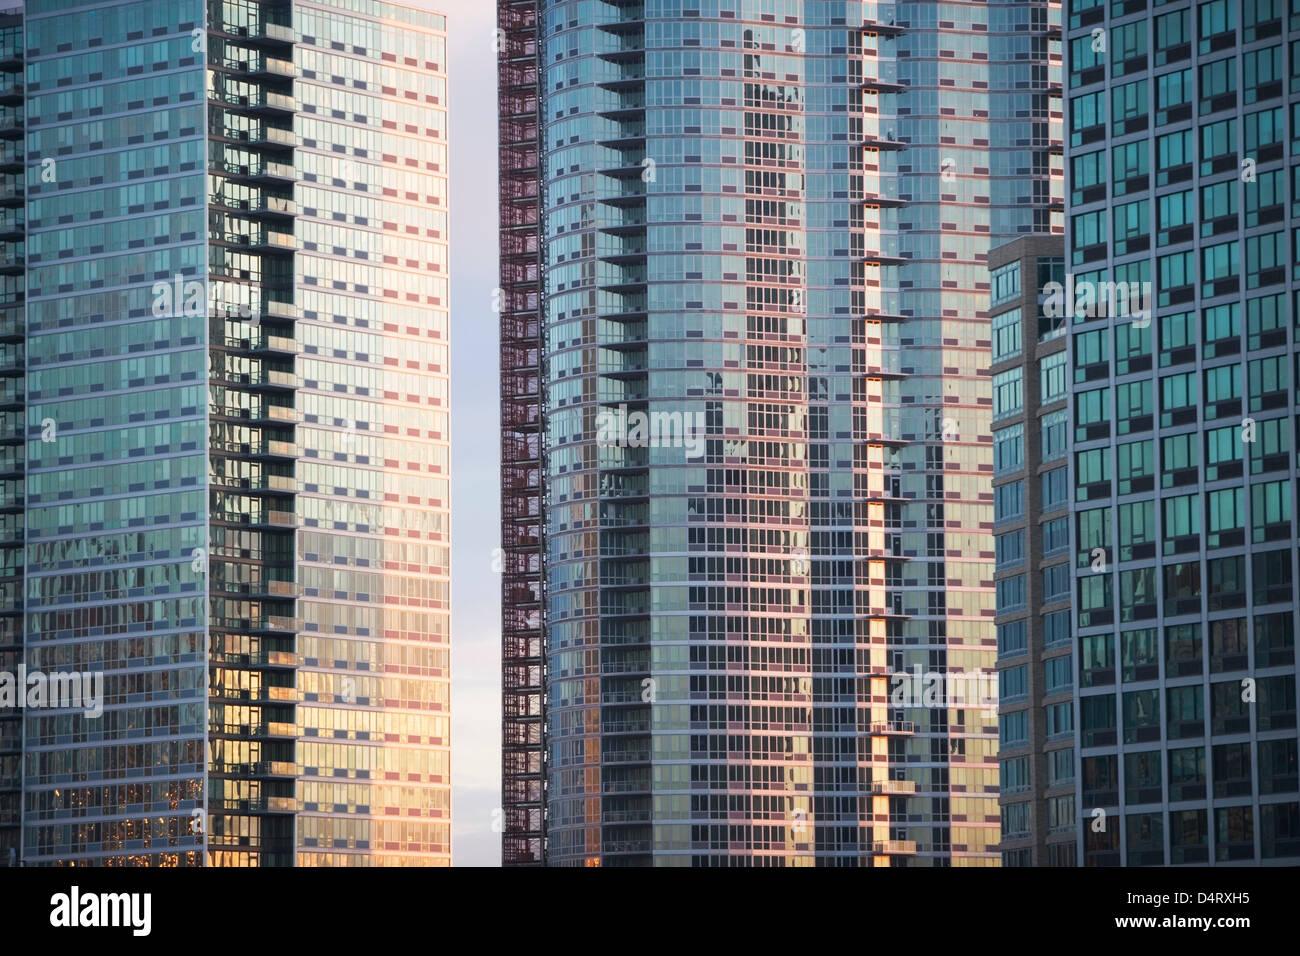 Les fenêtres des gratte-ciel urbain Photo Stock